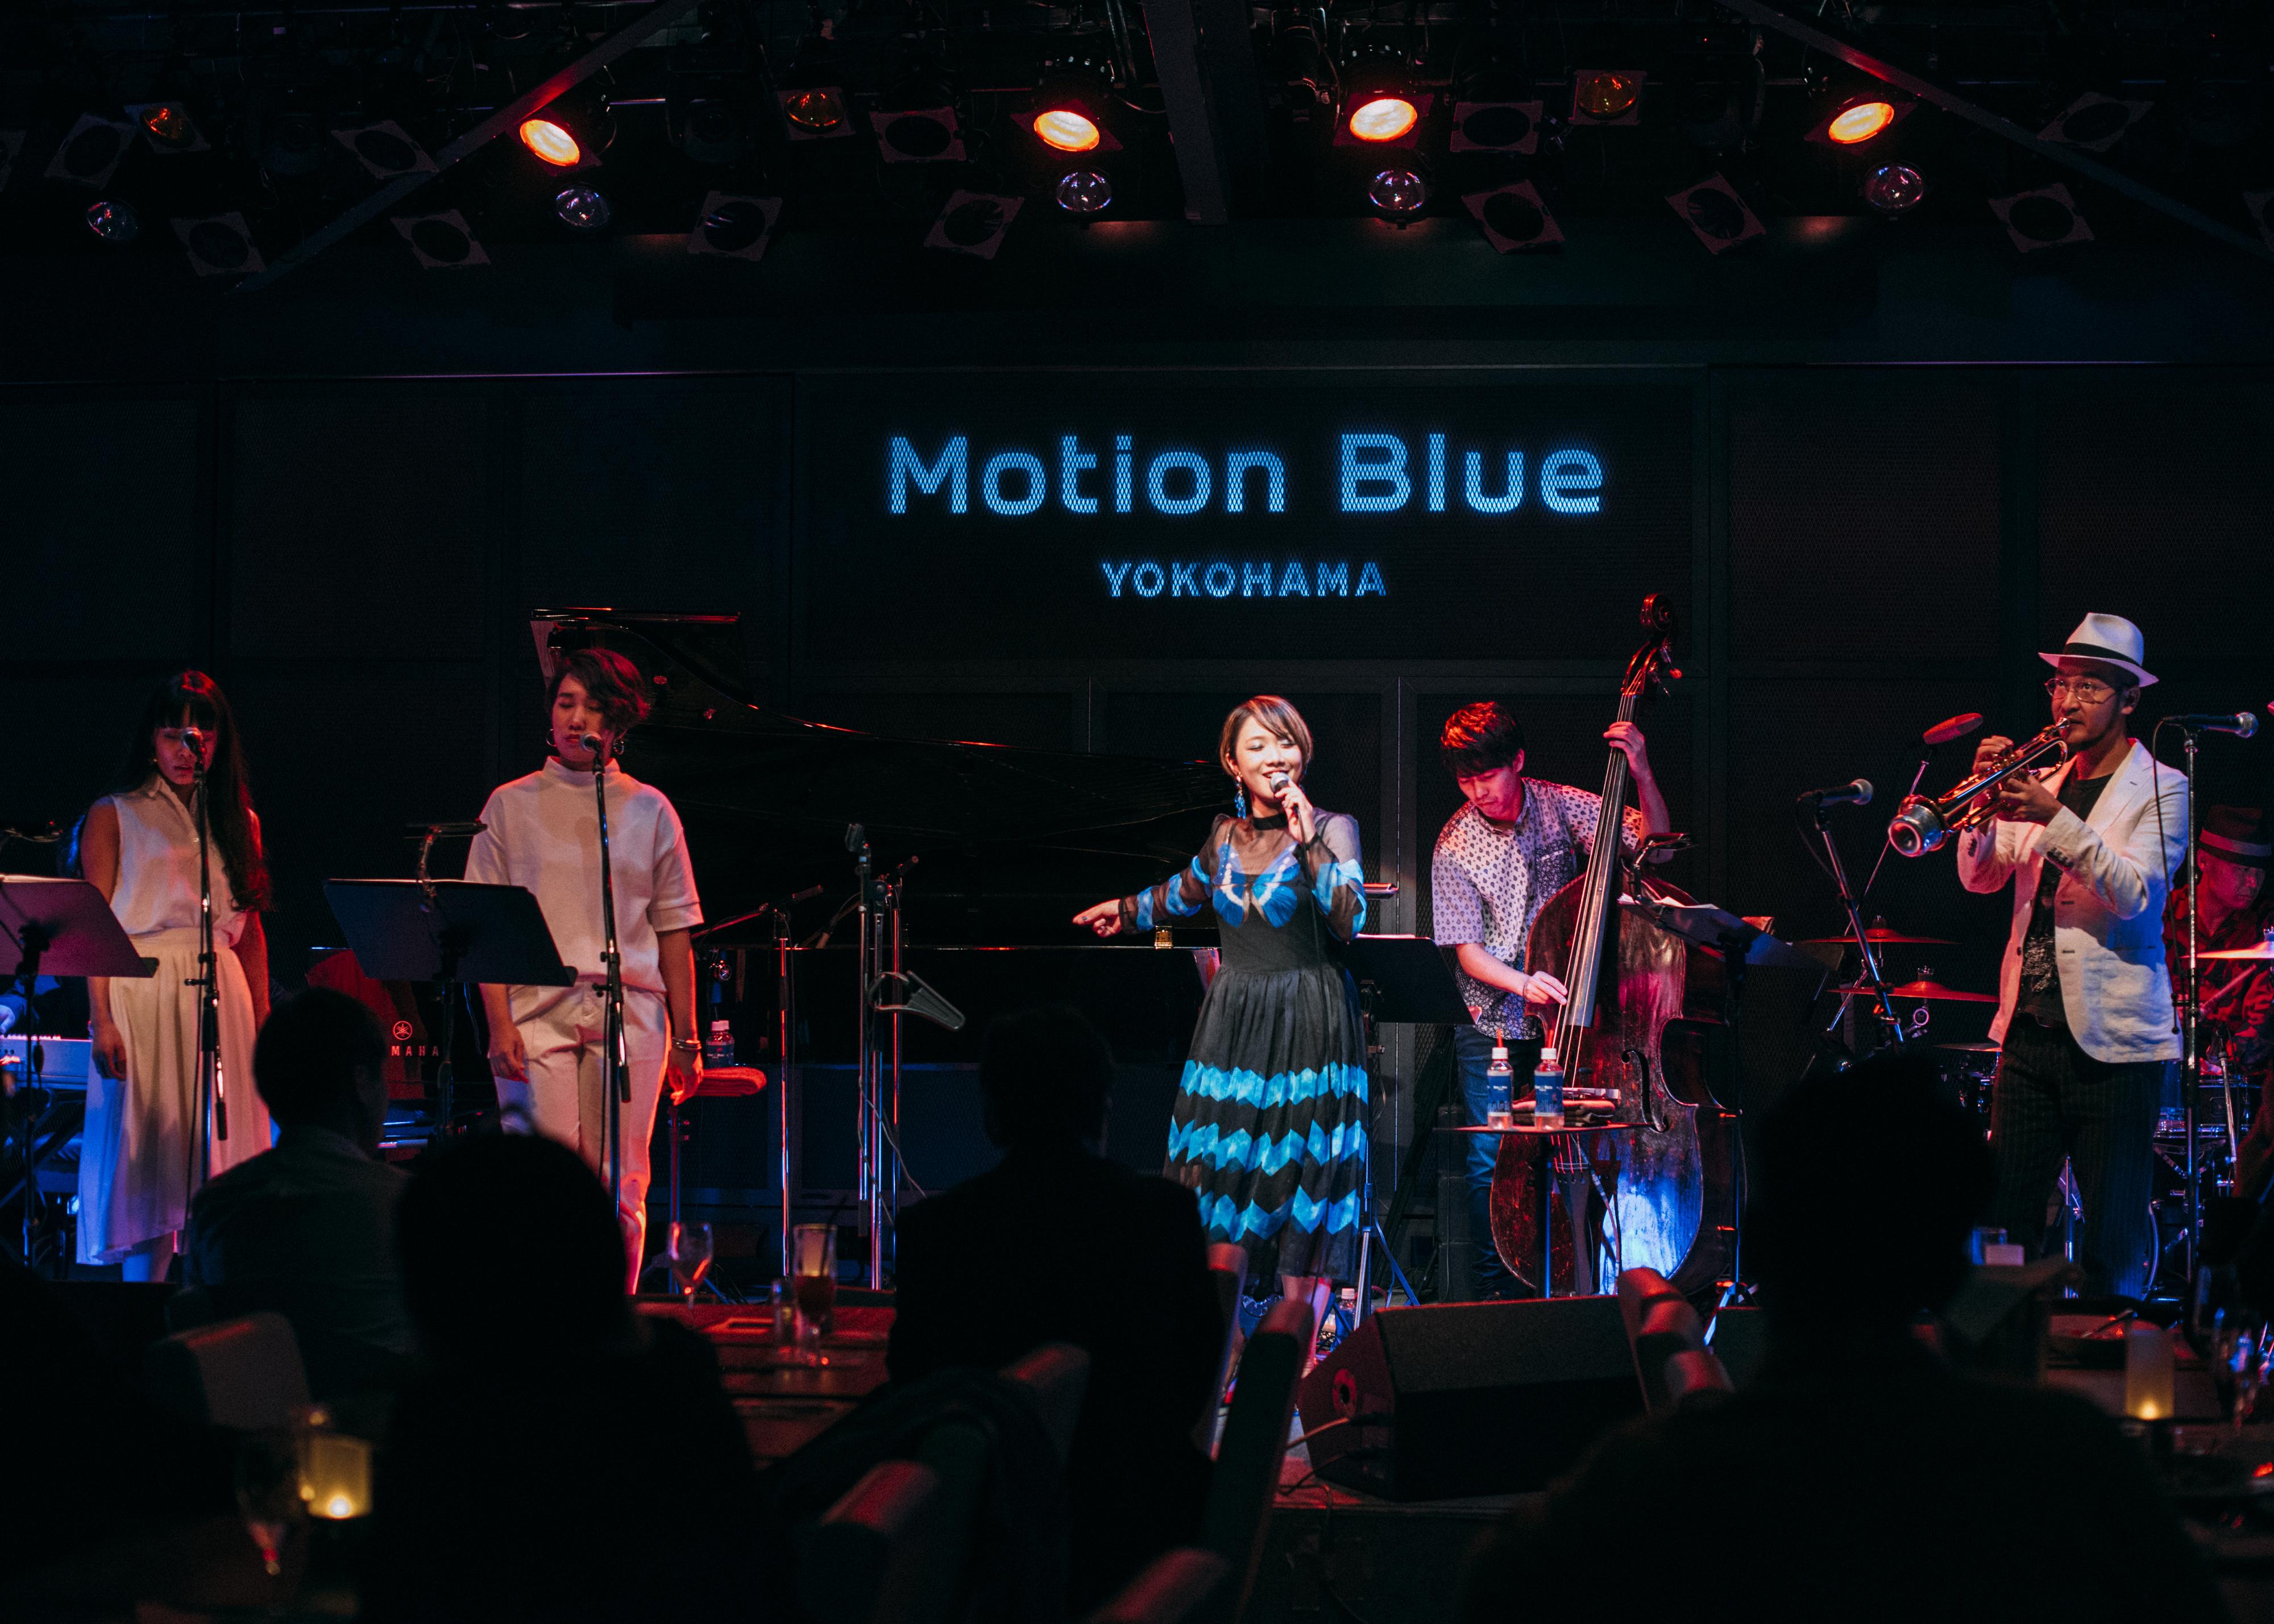 2018.11.9 at Motion Blue YOKOHAMA